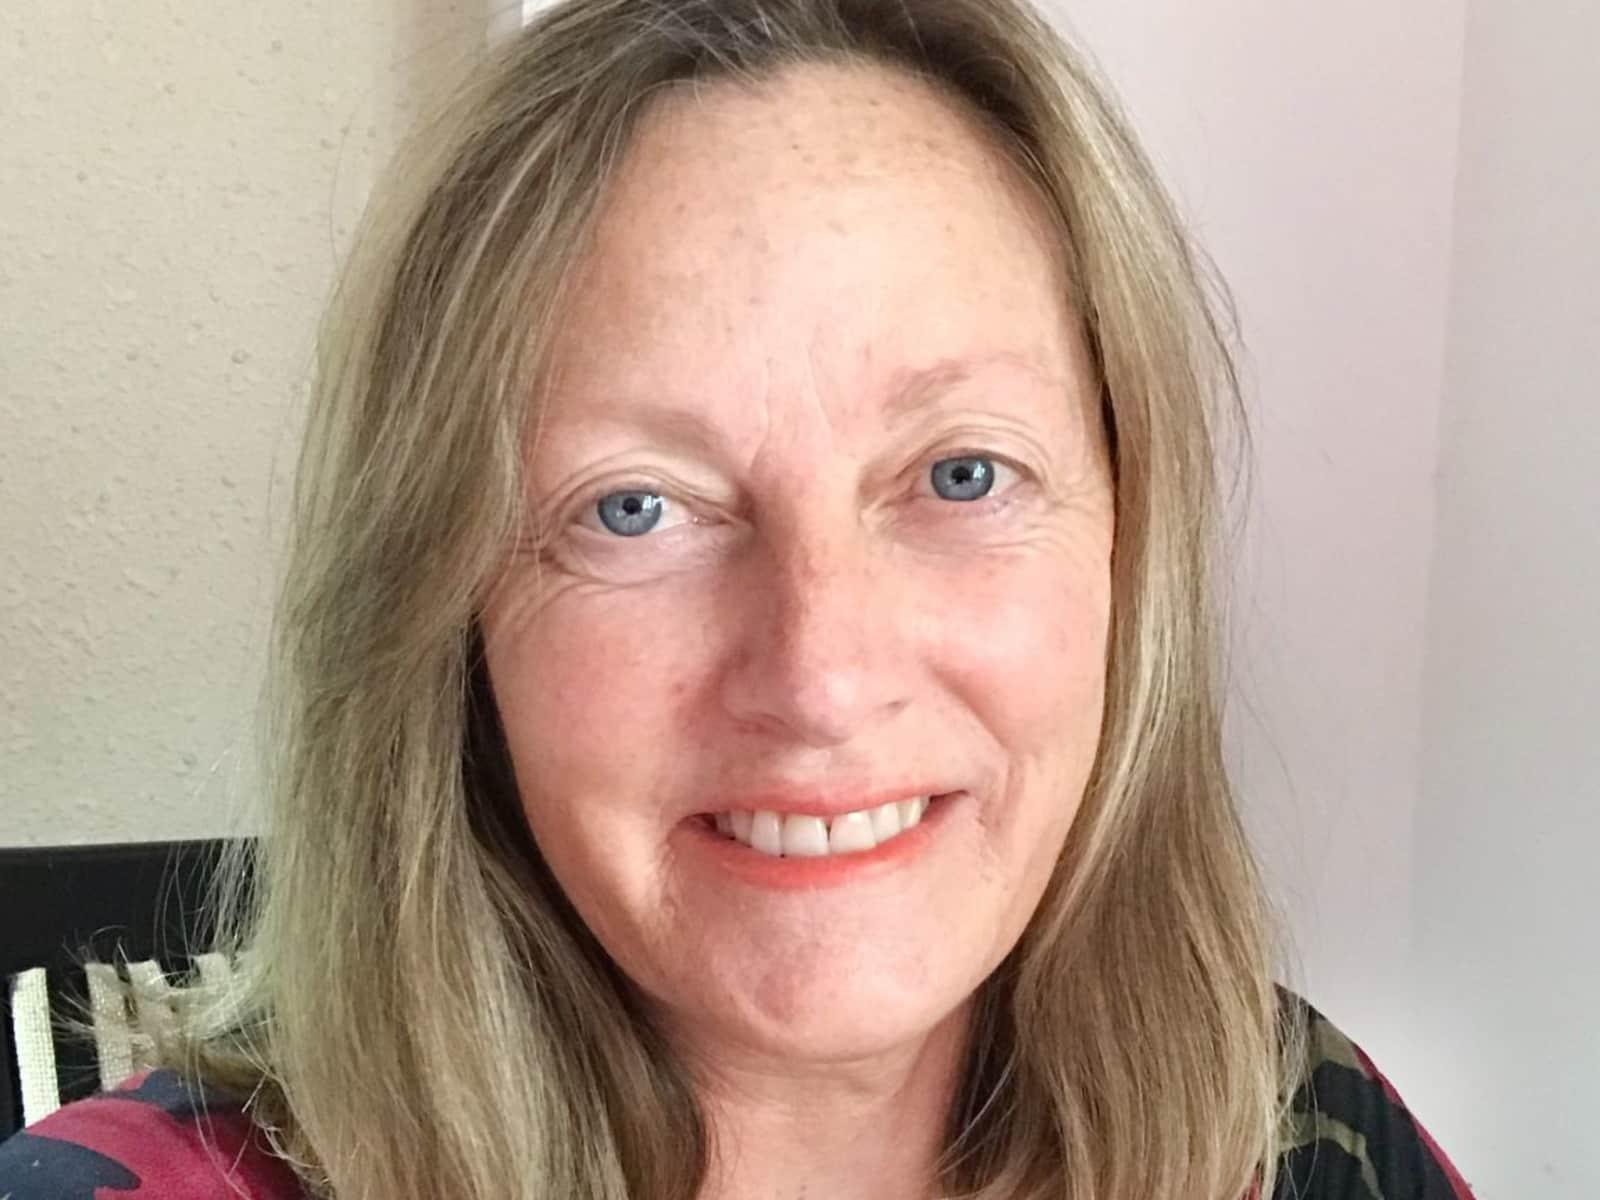 Cindy from Seattle, Washington, United States